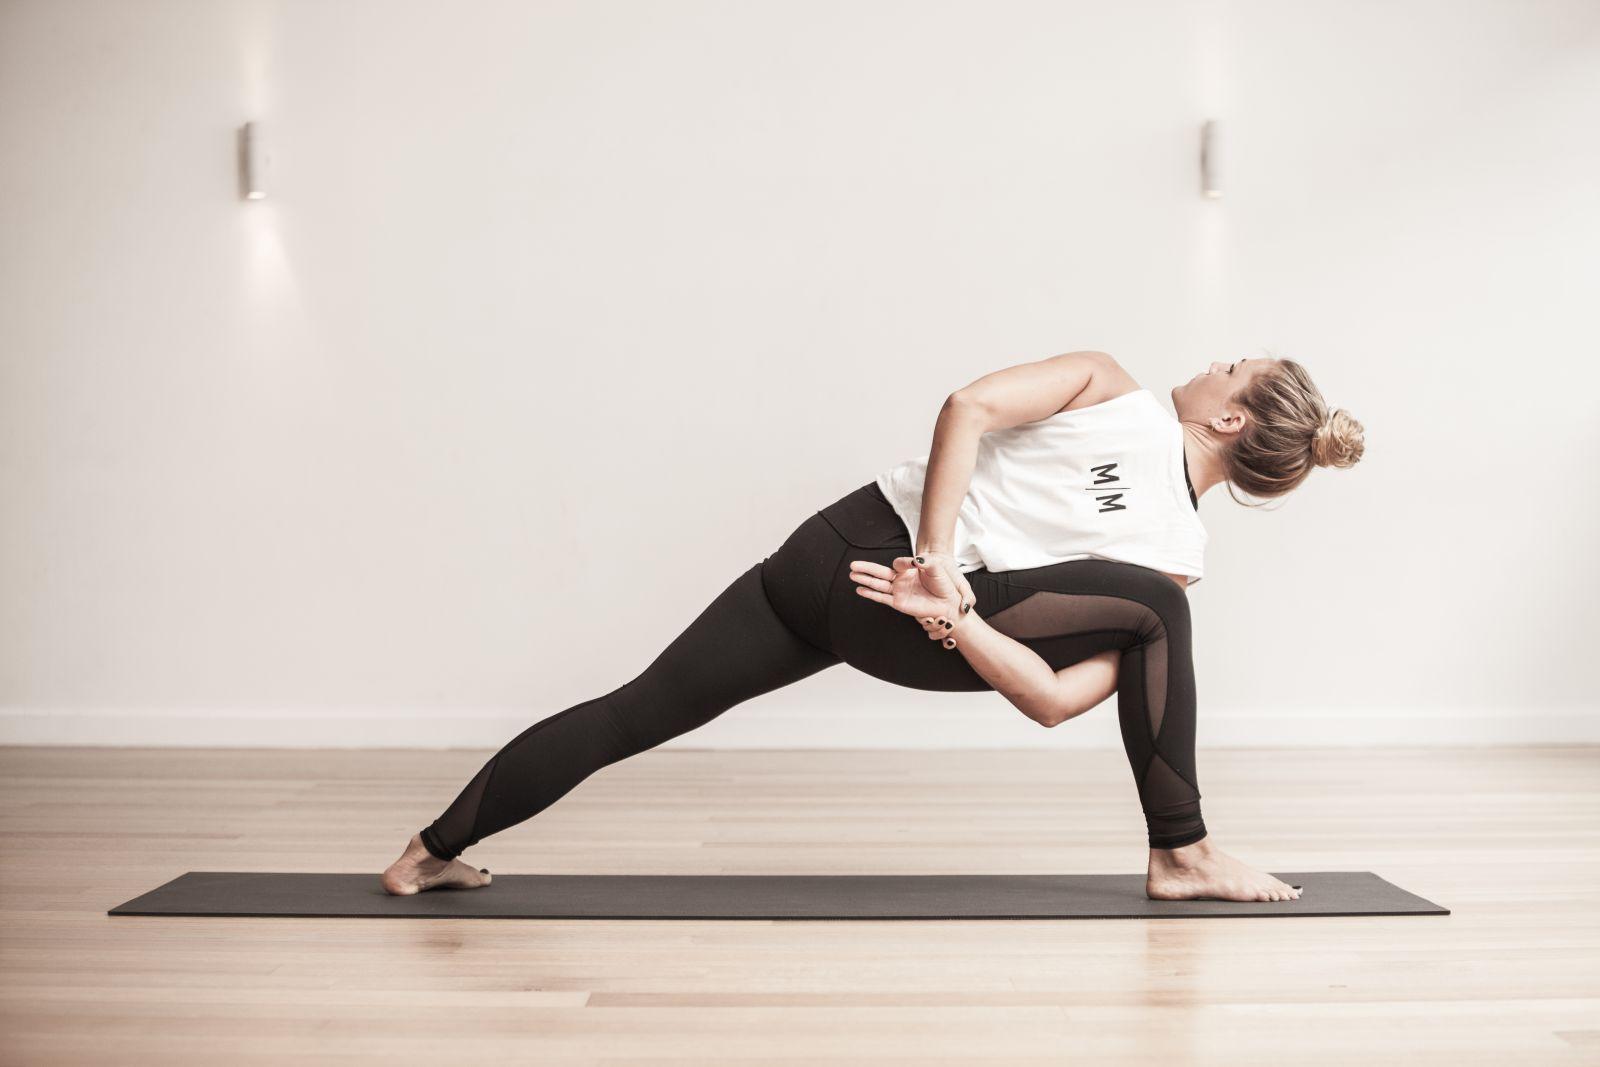 El yoga vinyasa mejora la salud con posturas sostenidas –